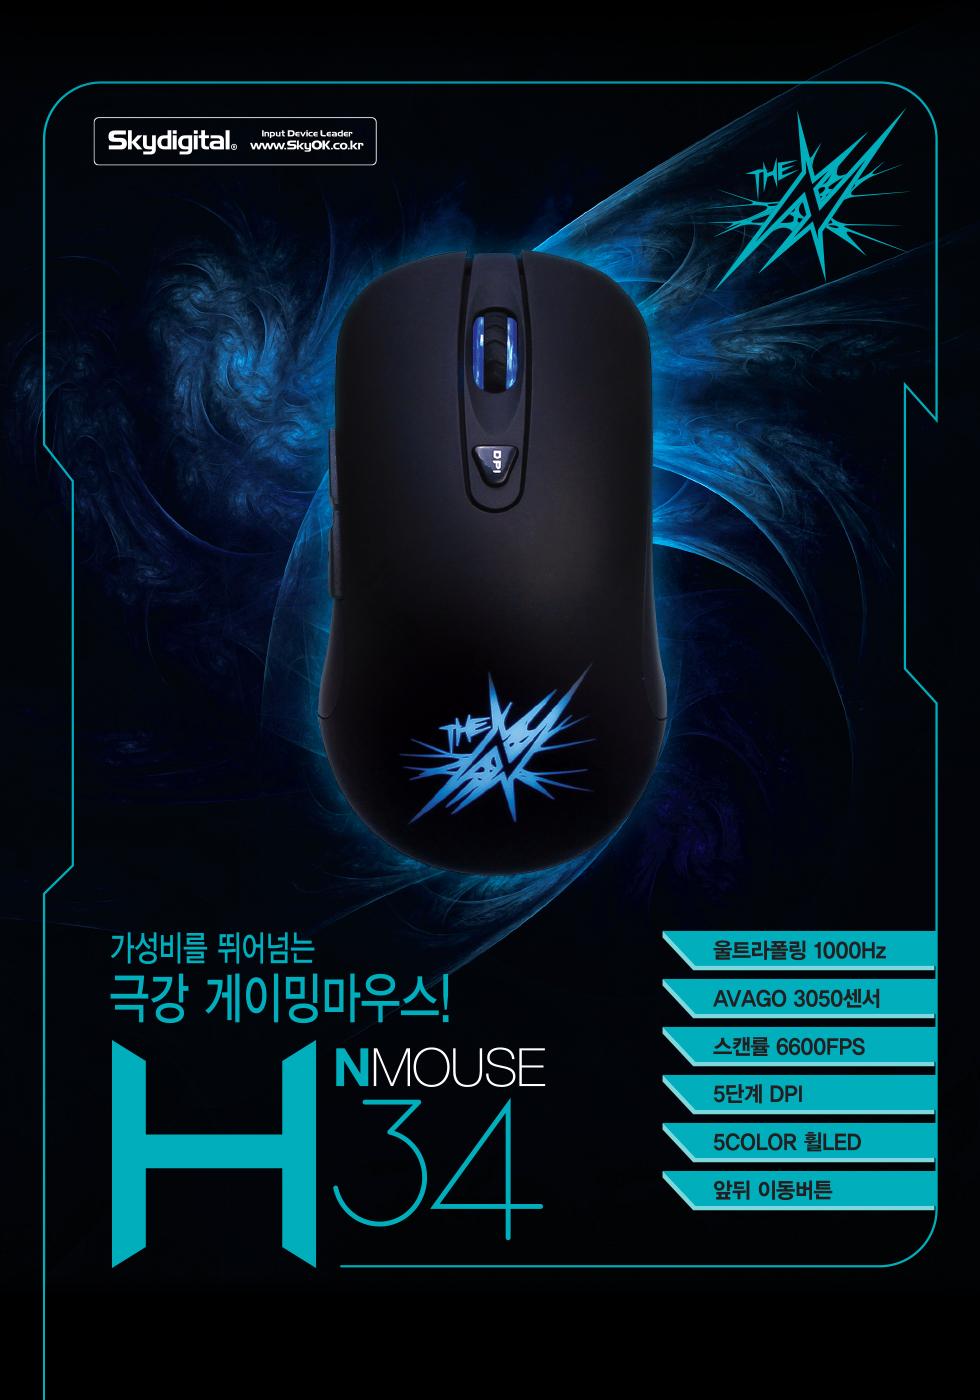 NMOUSE-H34-980_3_03.jpg